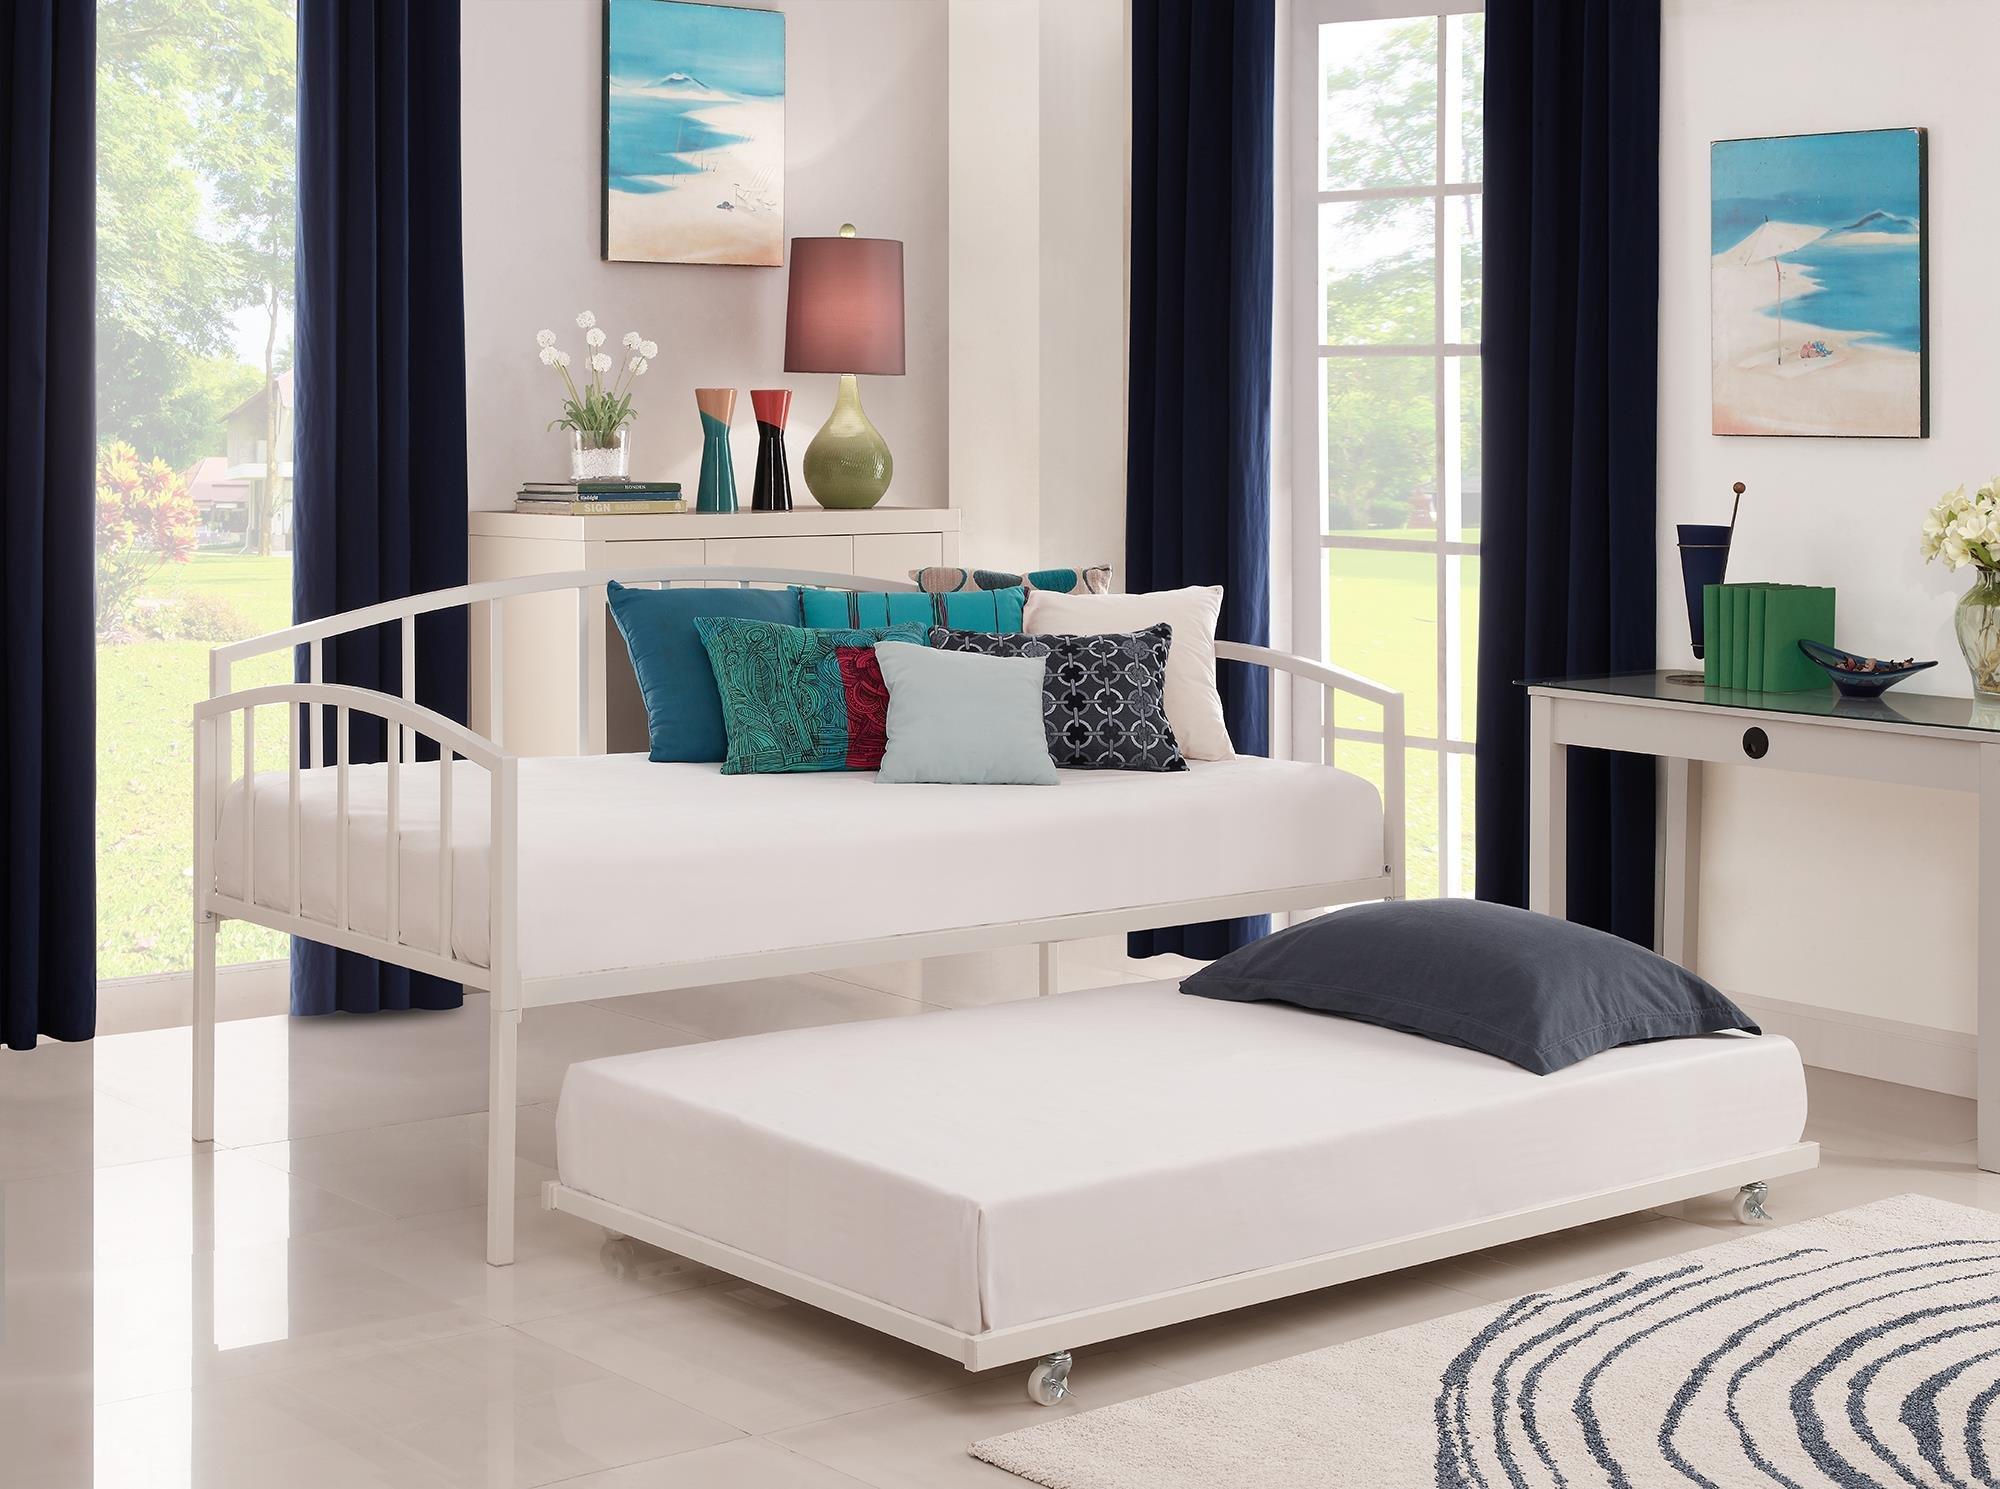 Кровать на колесиках